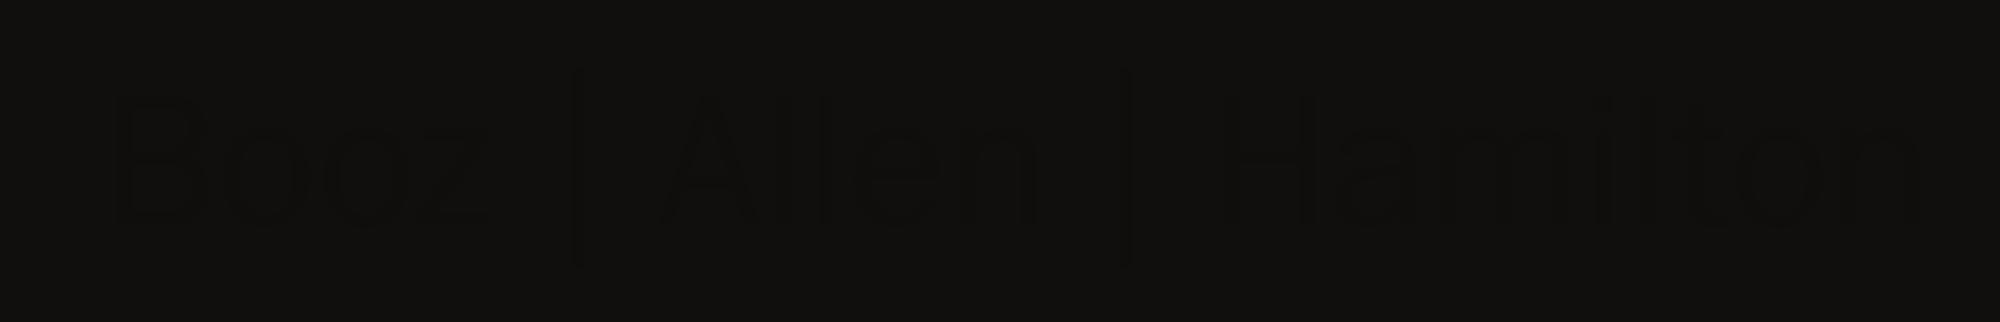 booz-allen-hamilton